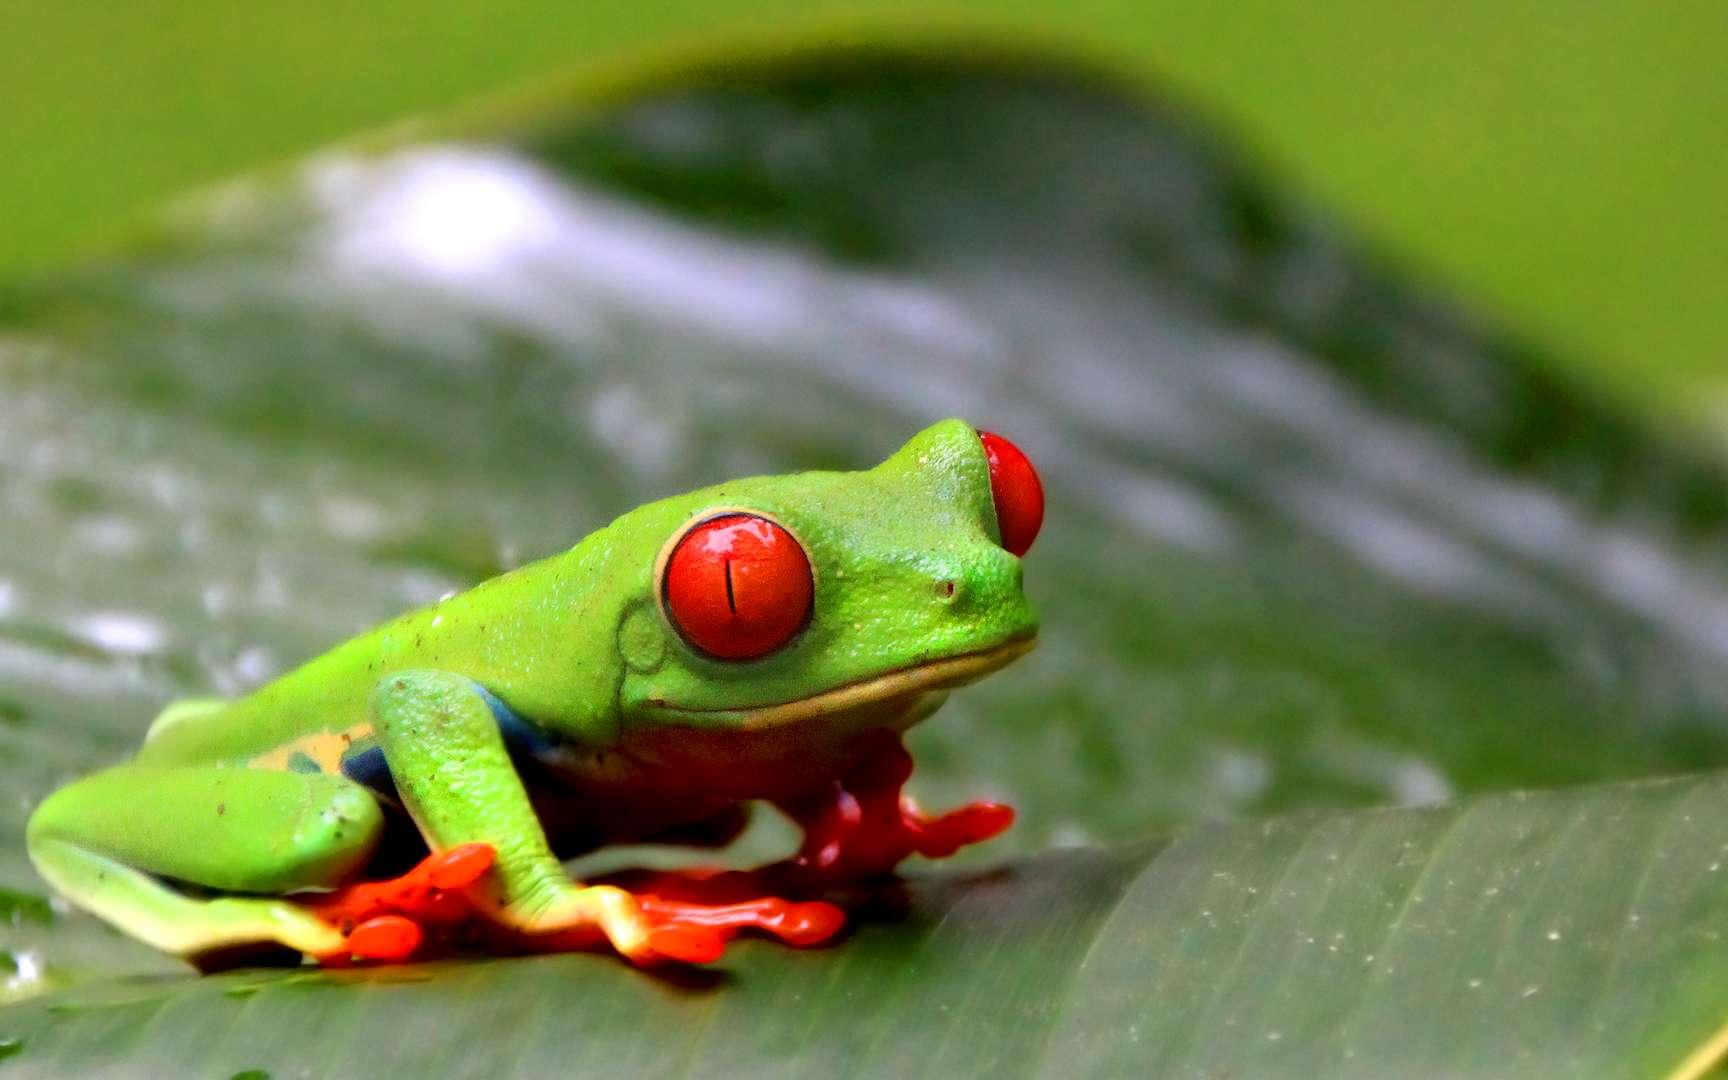 La sublime rainette aux yeux rouges. La rainette aux yeux rouges (Agalychnis callidryas) tire son nom de la couleur de ses yeux, dont les pupilles sont verticales. Elle vit la nuit et habite principalement la côte de la mer des Caraïbes. © yepyep, Flickr, CC by-nc-nd 2.0